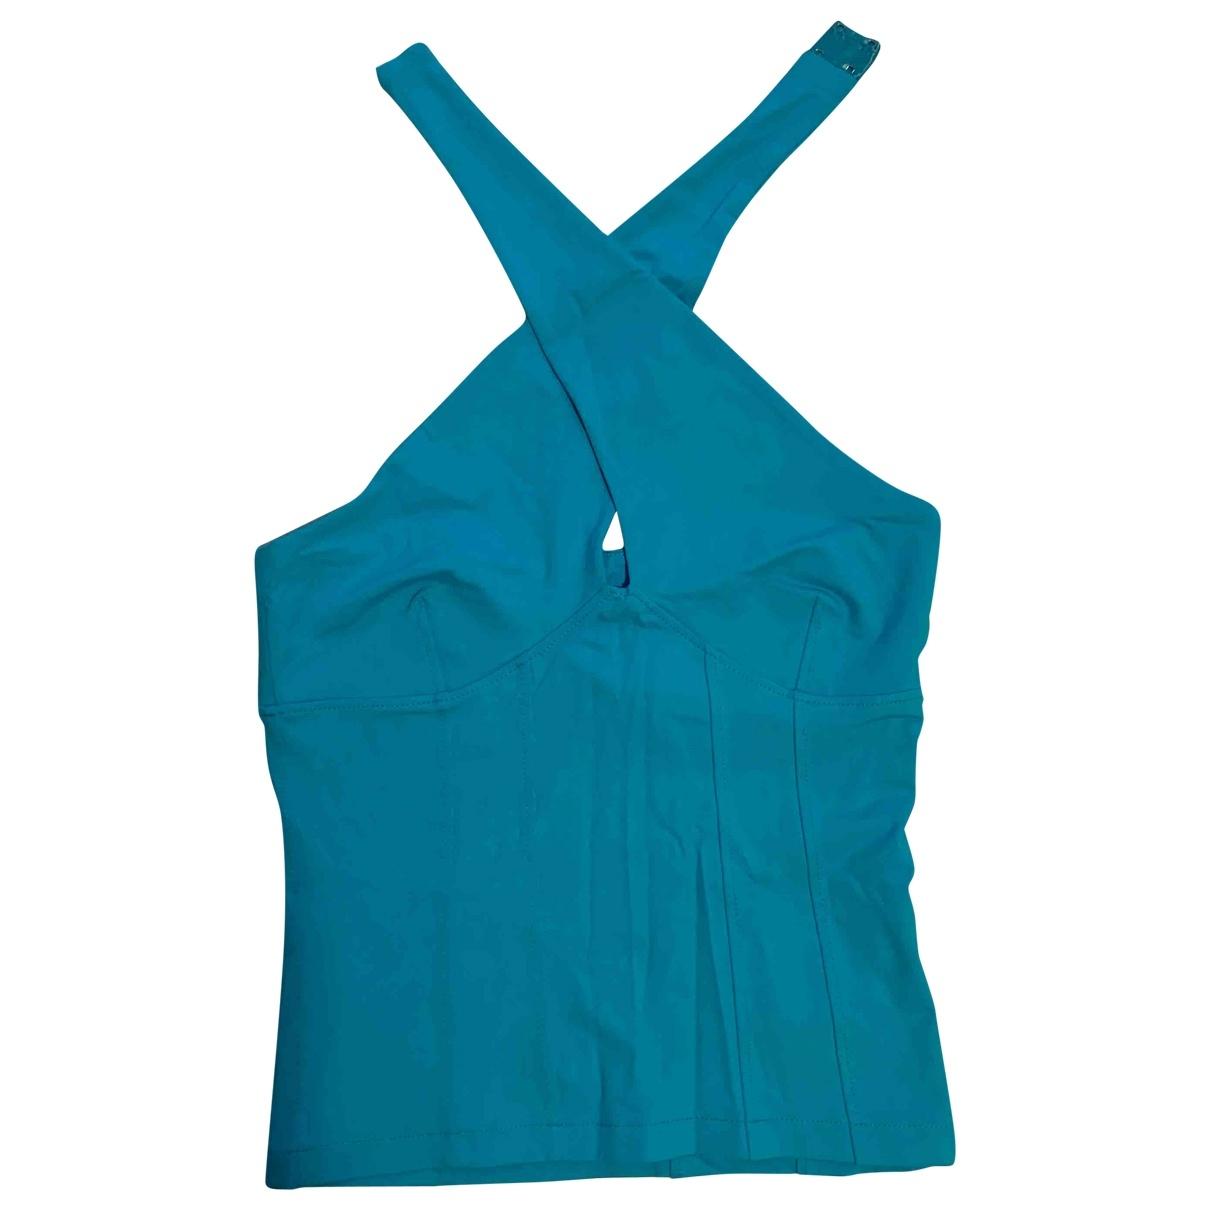 Karen Millen \N Turquoise  top for Women S International